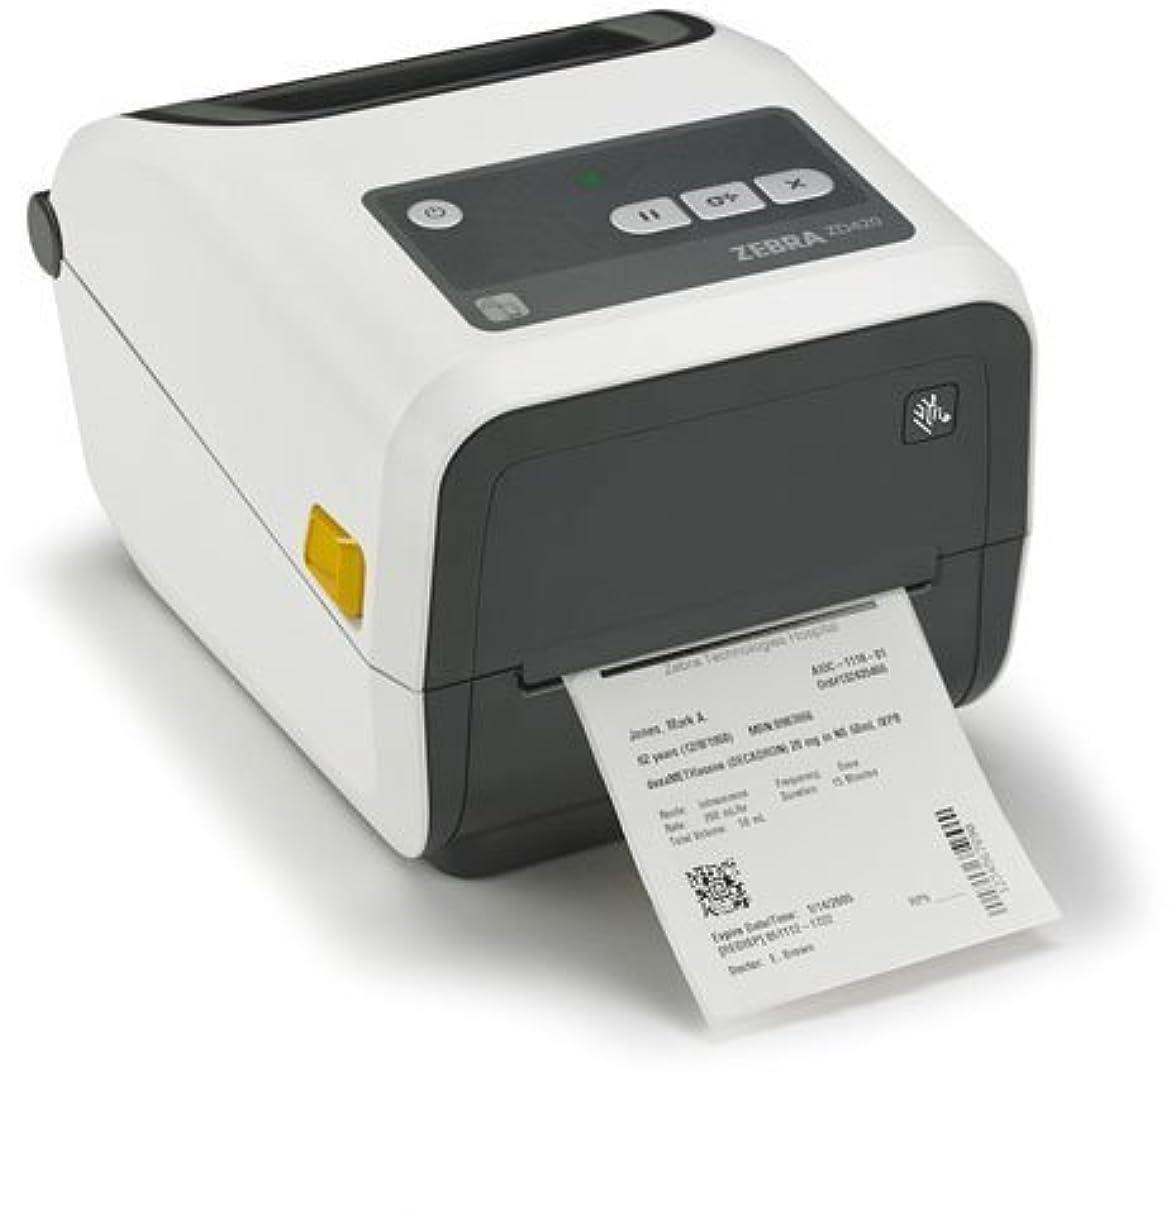 適応する偽造重さZebra Technologies ZD42H43-C01E00EZ Series ZD420 Thermal Transfer Desktop Printer Healthcare Model 300 DPI Ethernet Connectivity [並行輸入品]